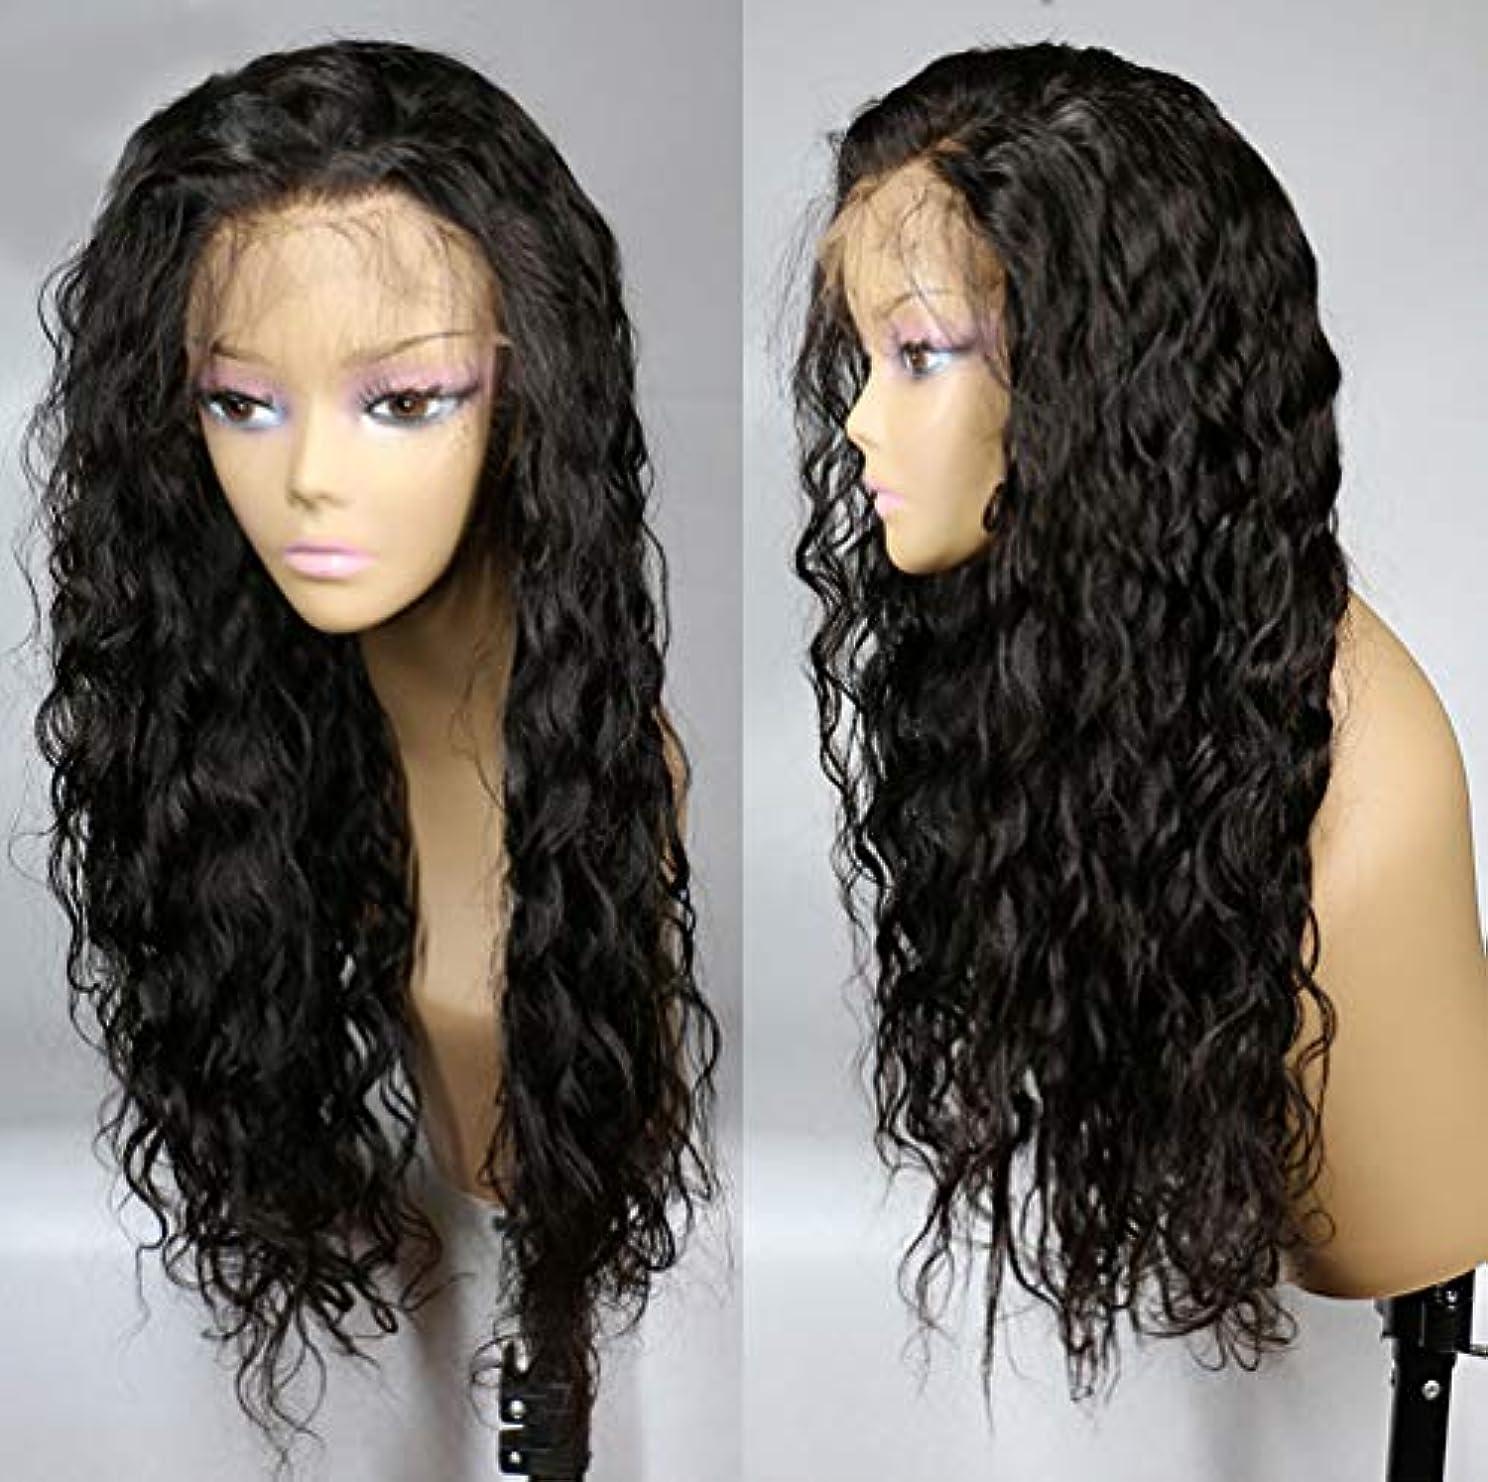 霊政治家検出可能女性のかつら150%密度フロントレース長いウェーブのかかった巻き毛かつらブラジル人毛